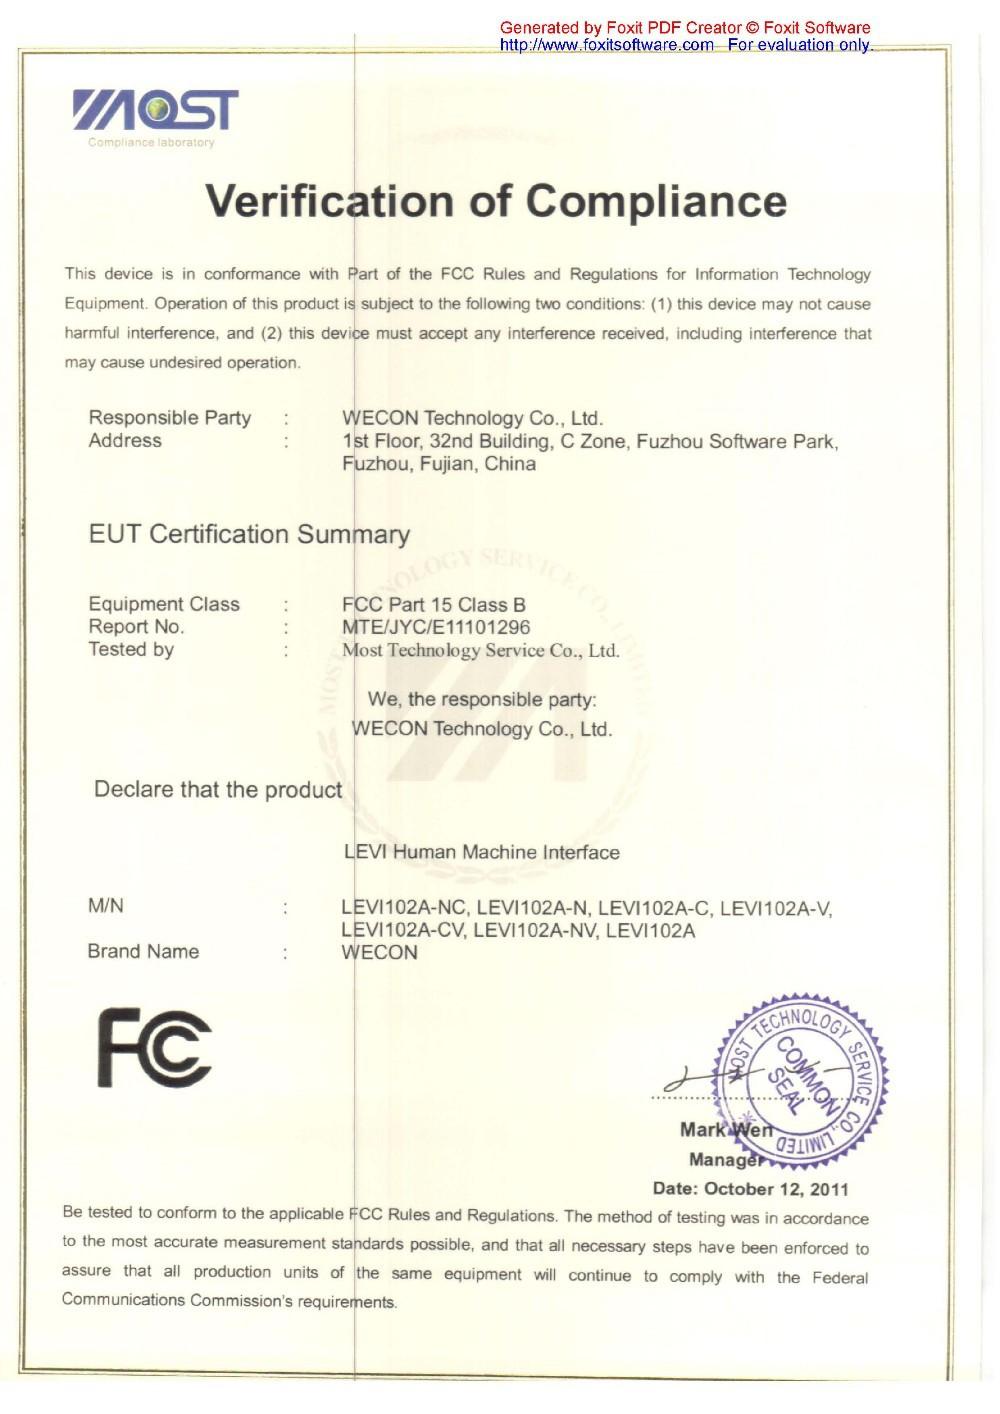 Levi102A(+extension) FCC